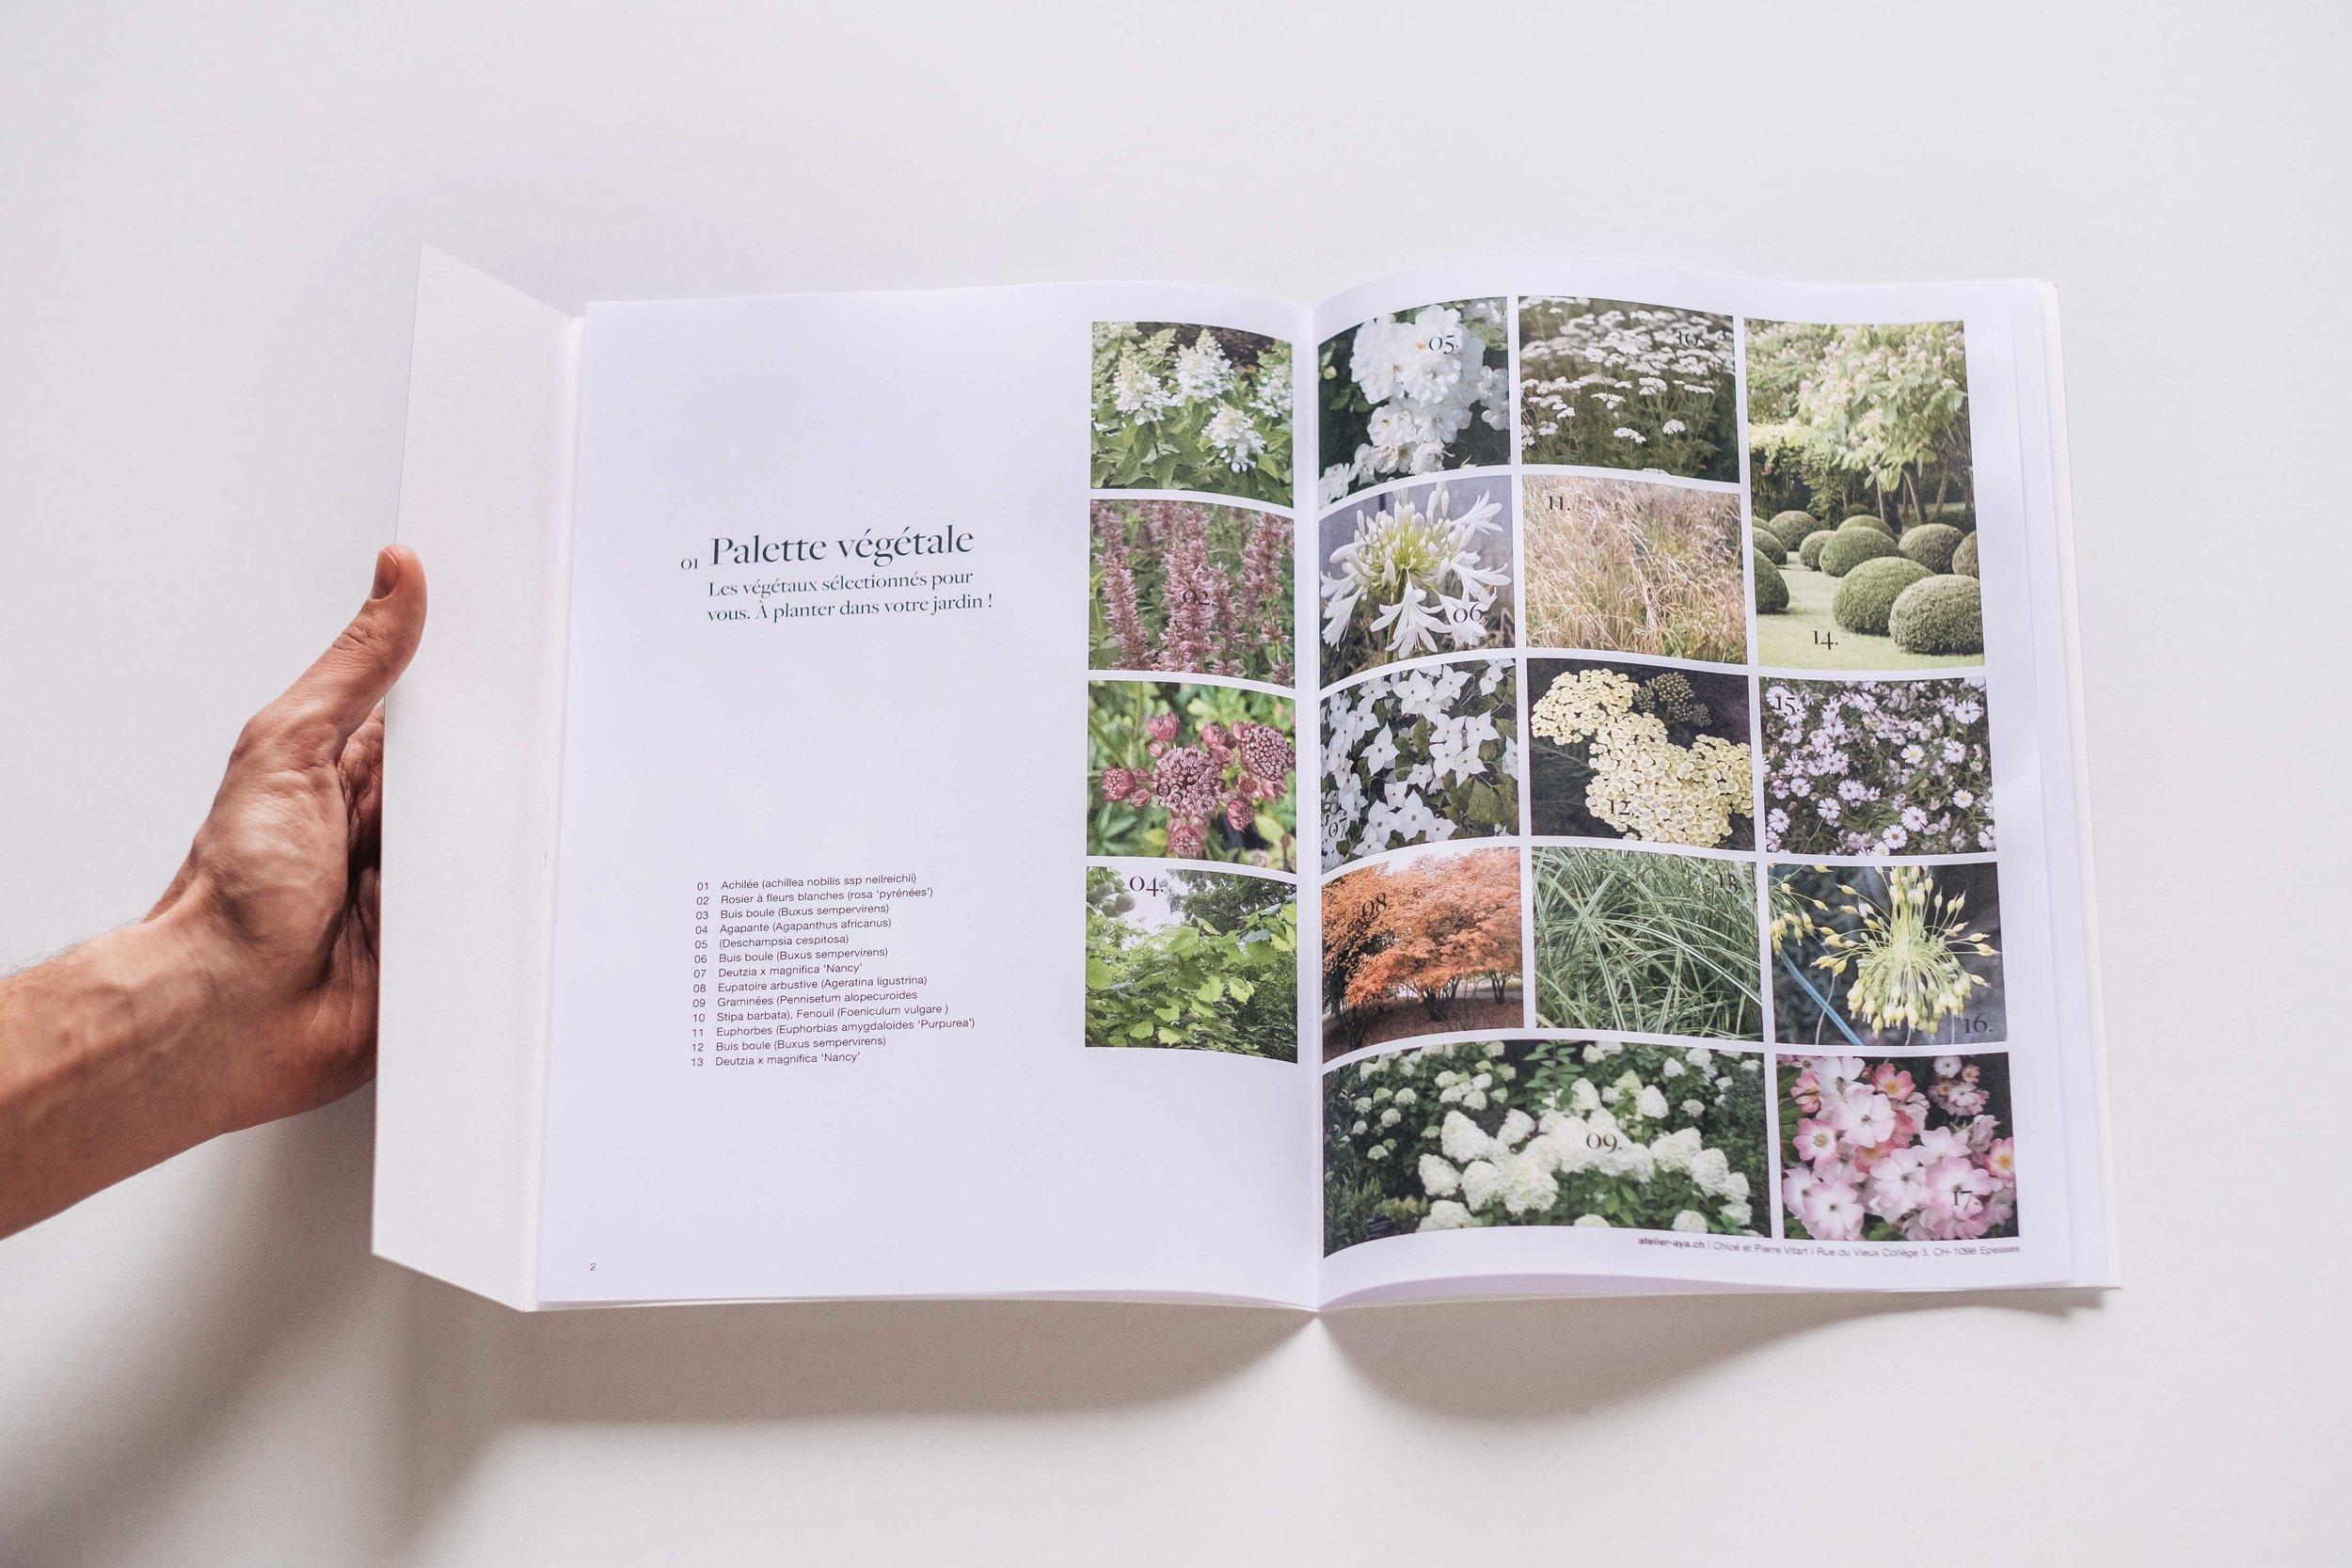 Palette végétale personnalisée - Composition végétale sur-mesure